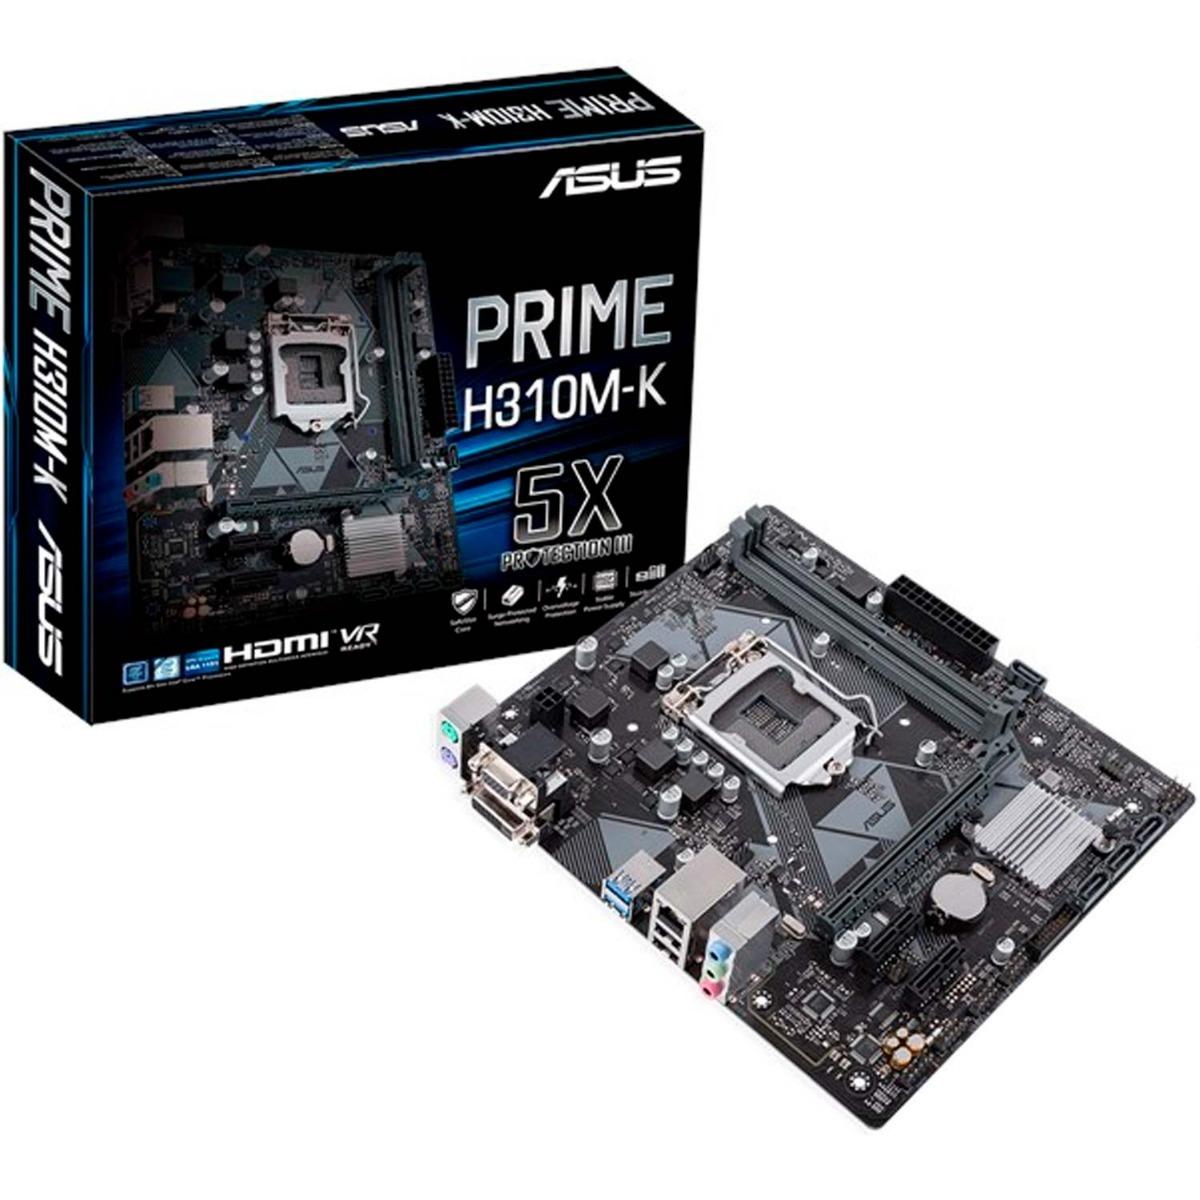 PRIME H310M-K